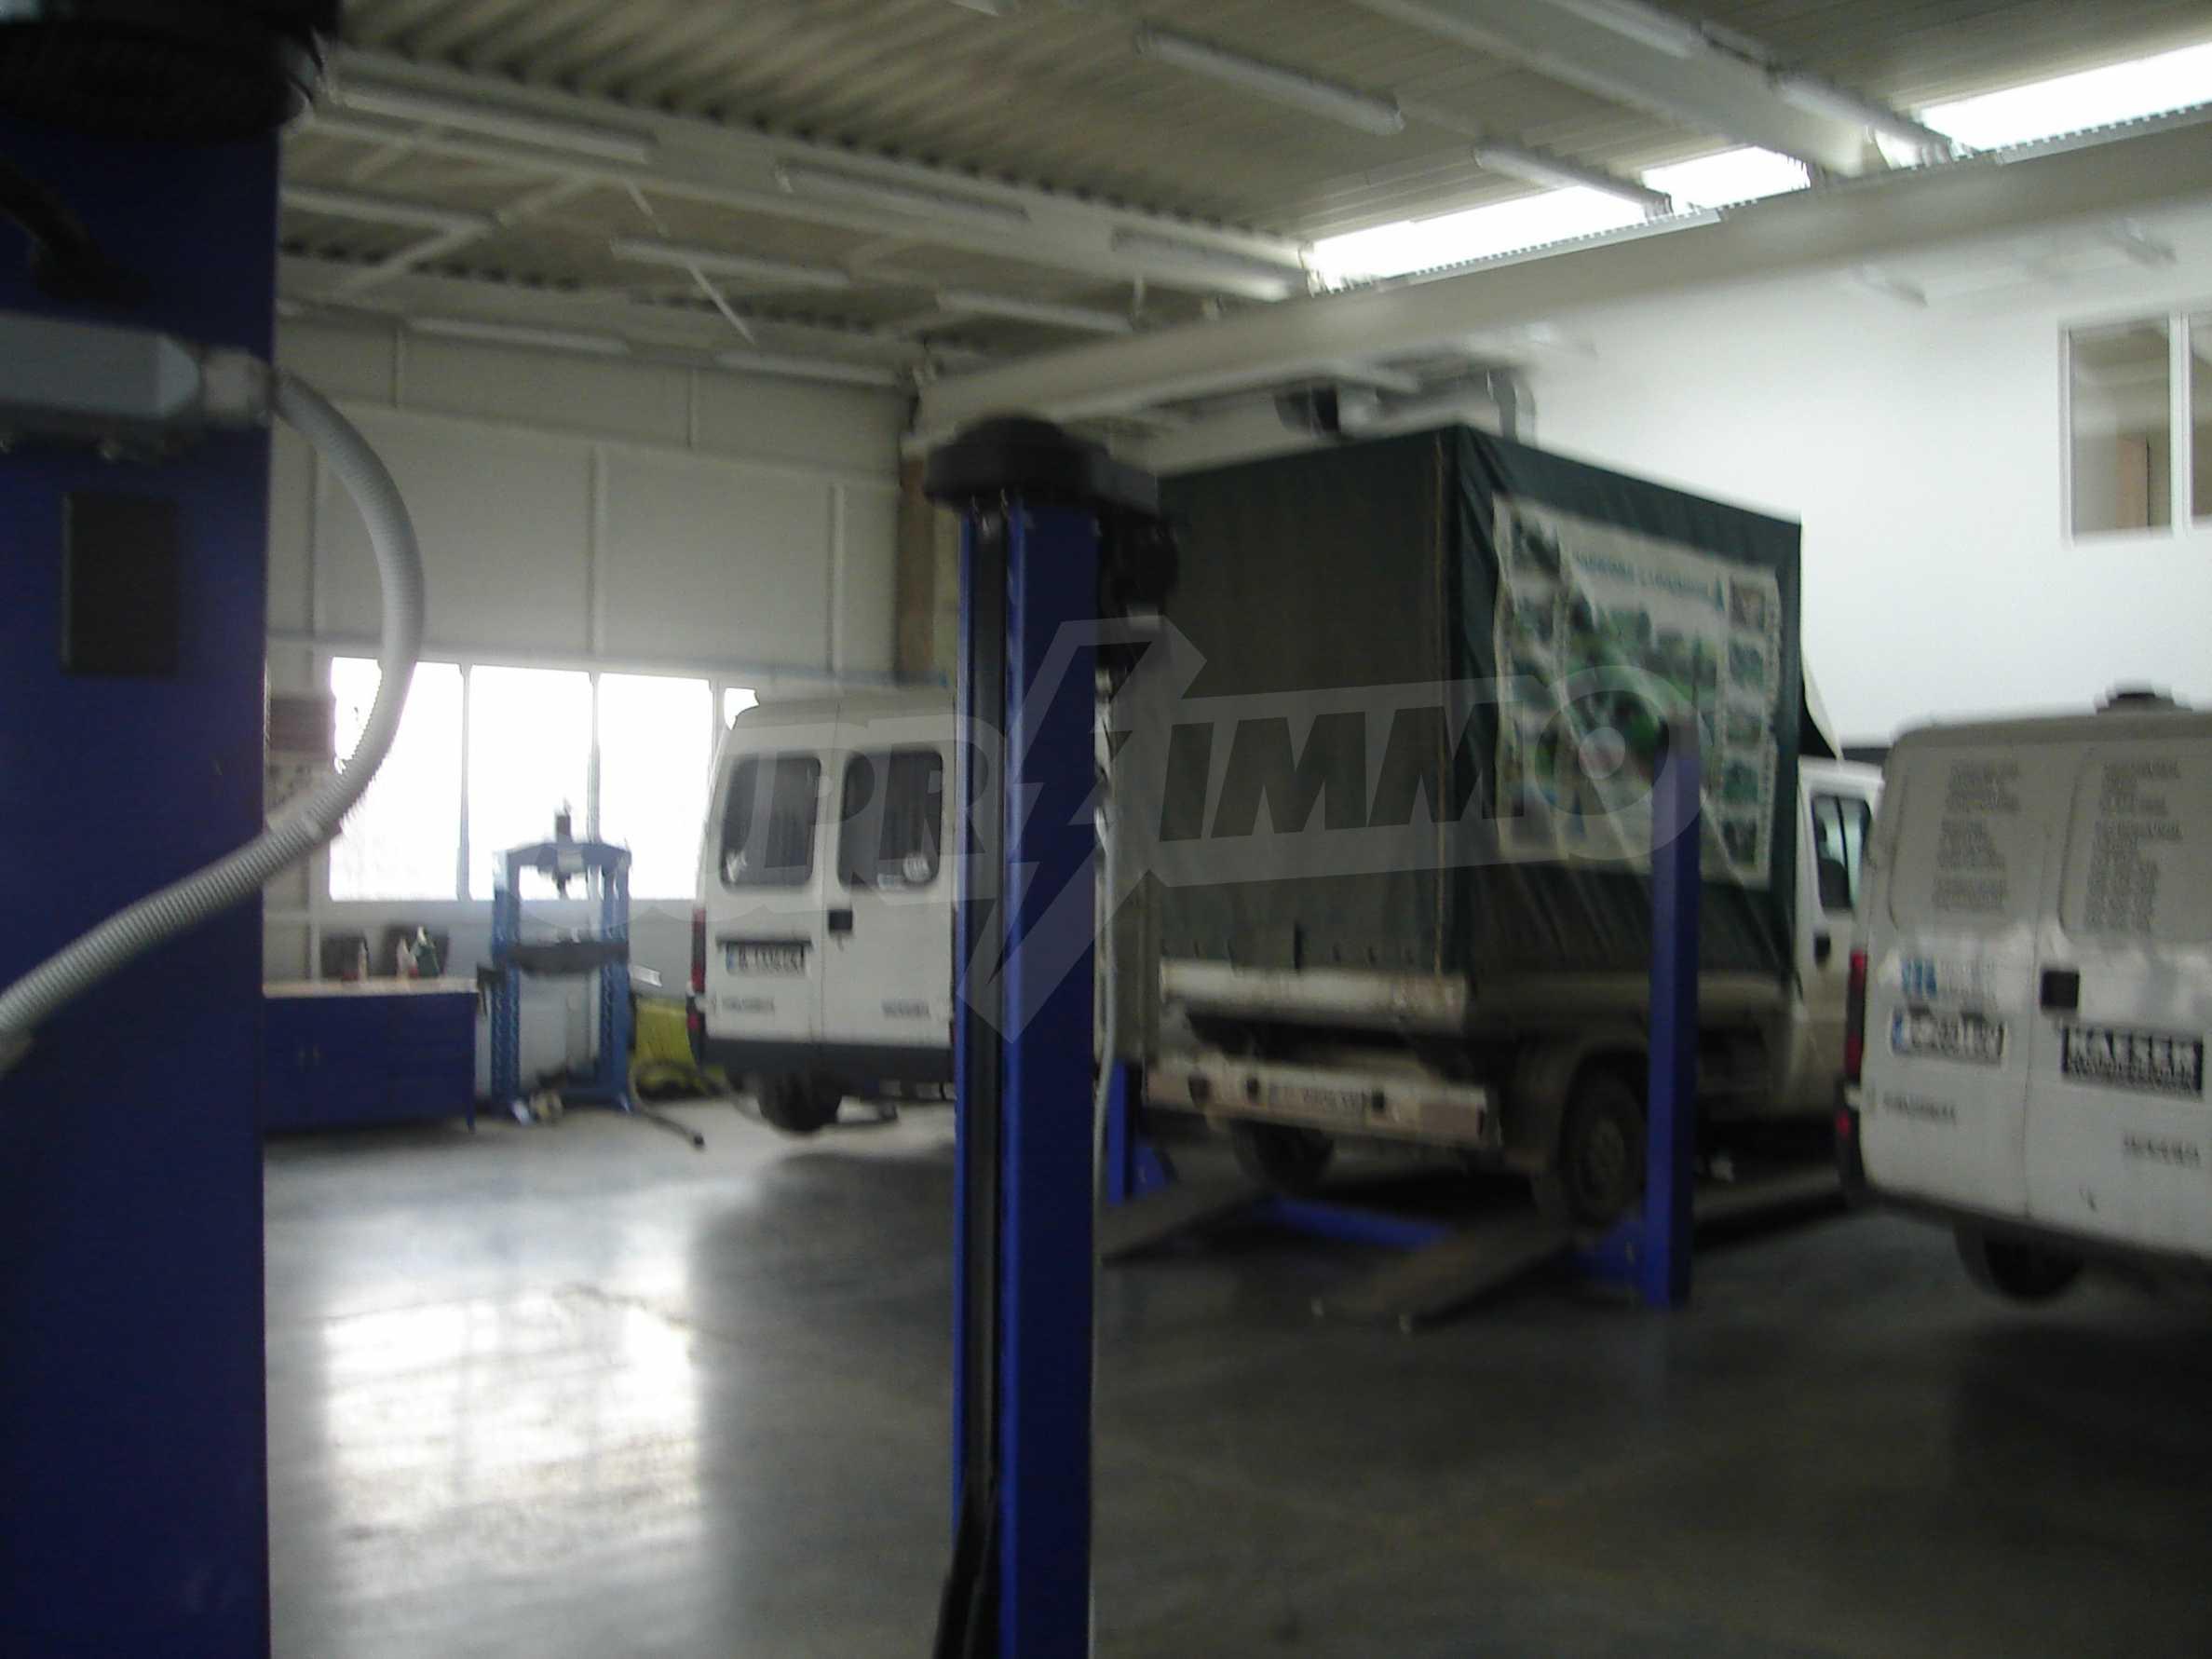 Gewerbe- und Dienstleistungskomplex im Stadtteil Mladost 7